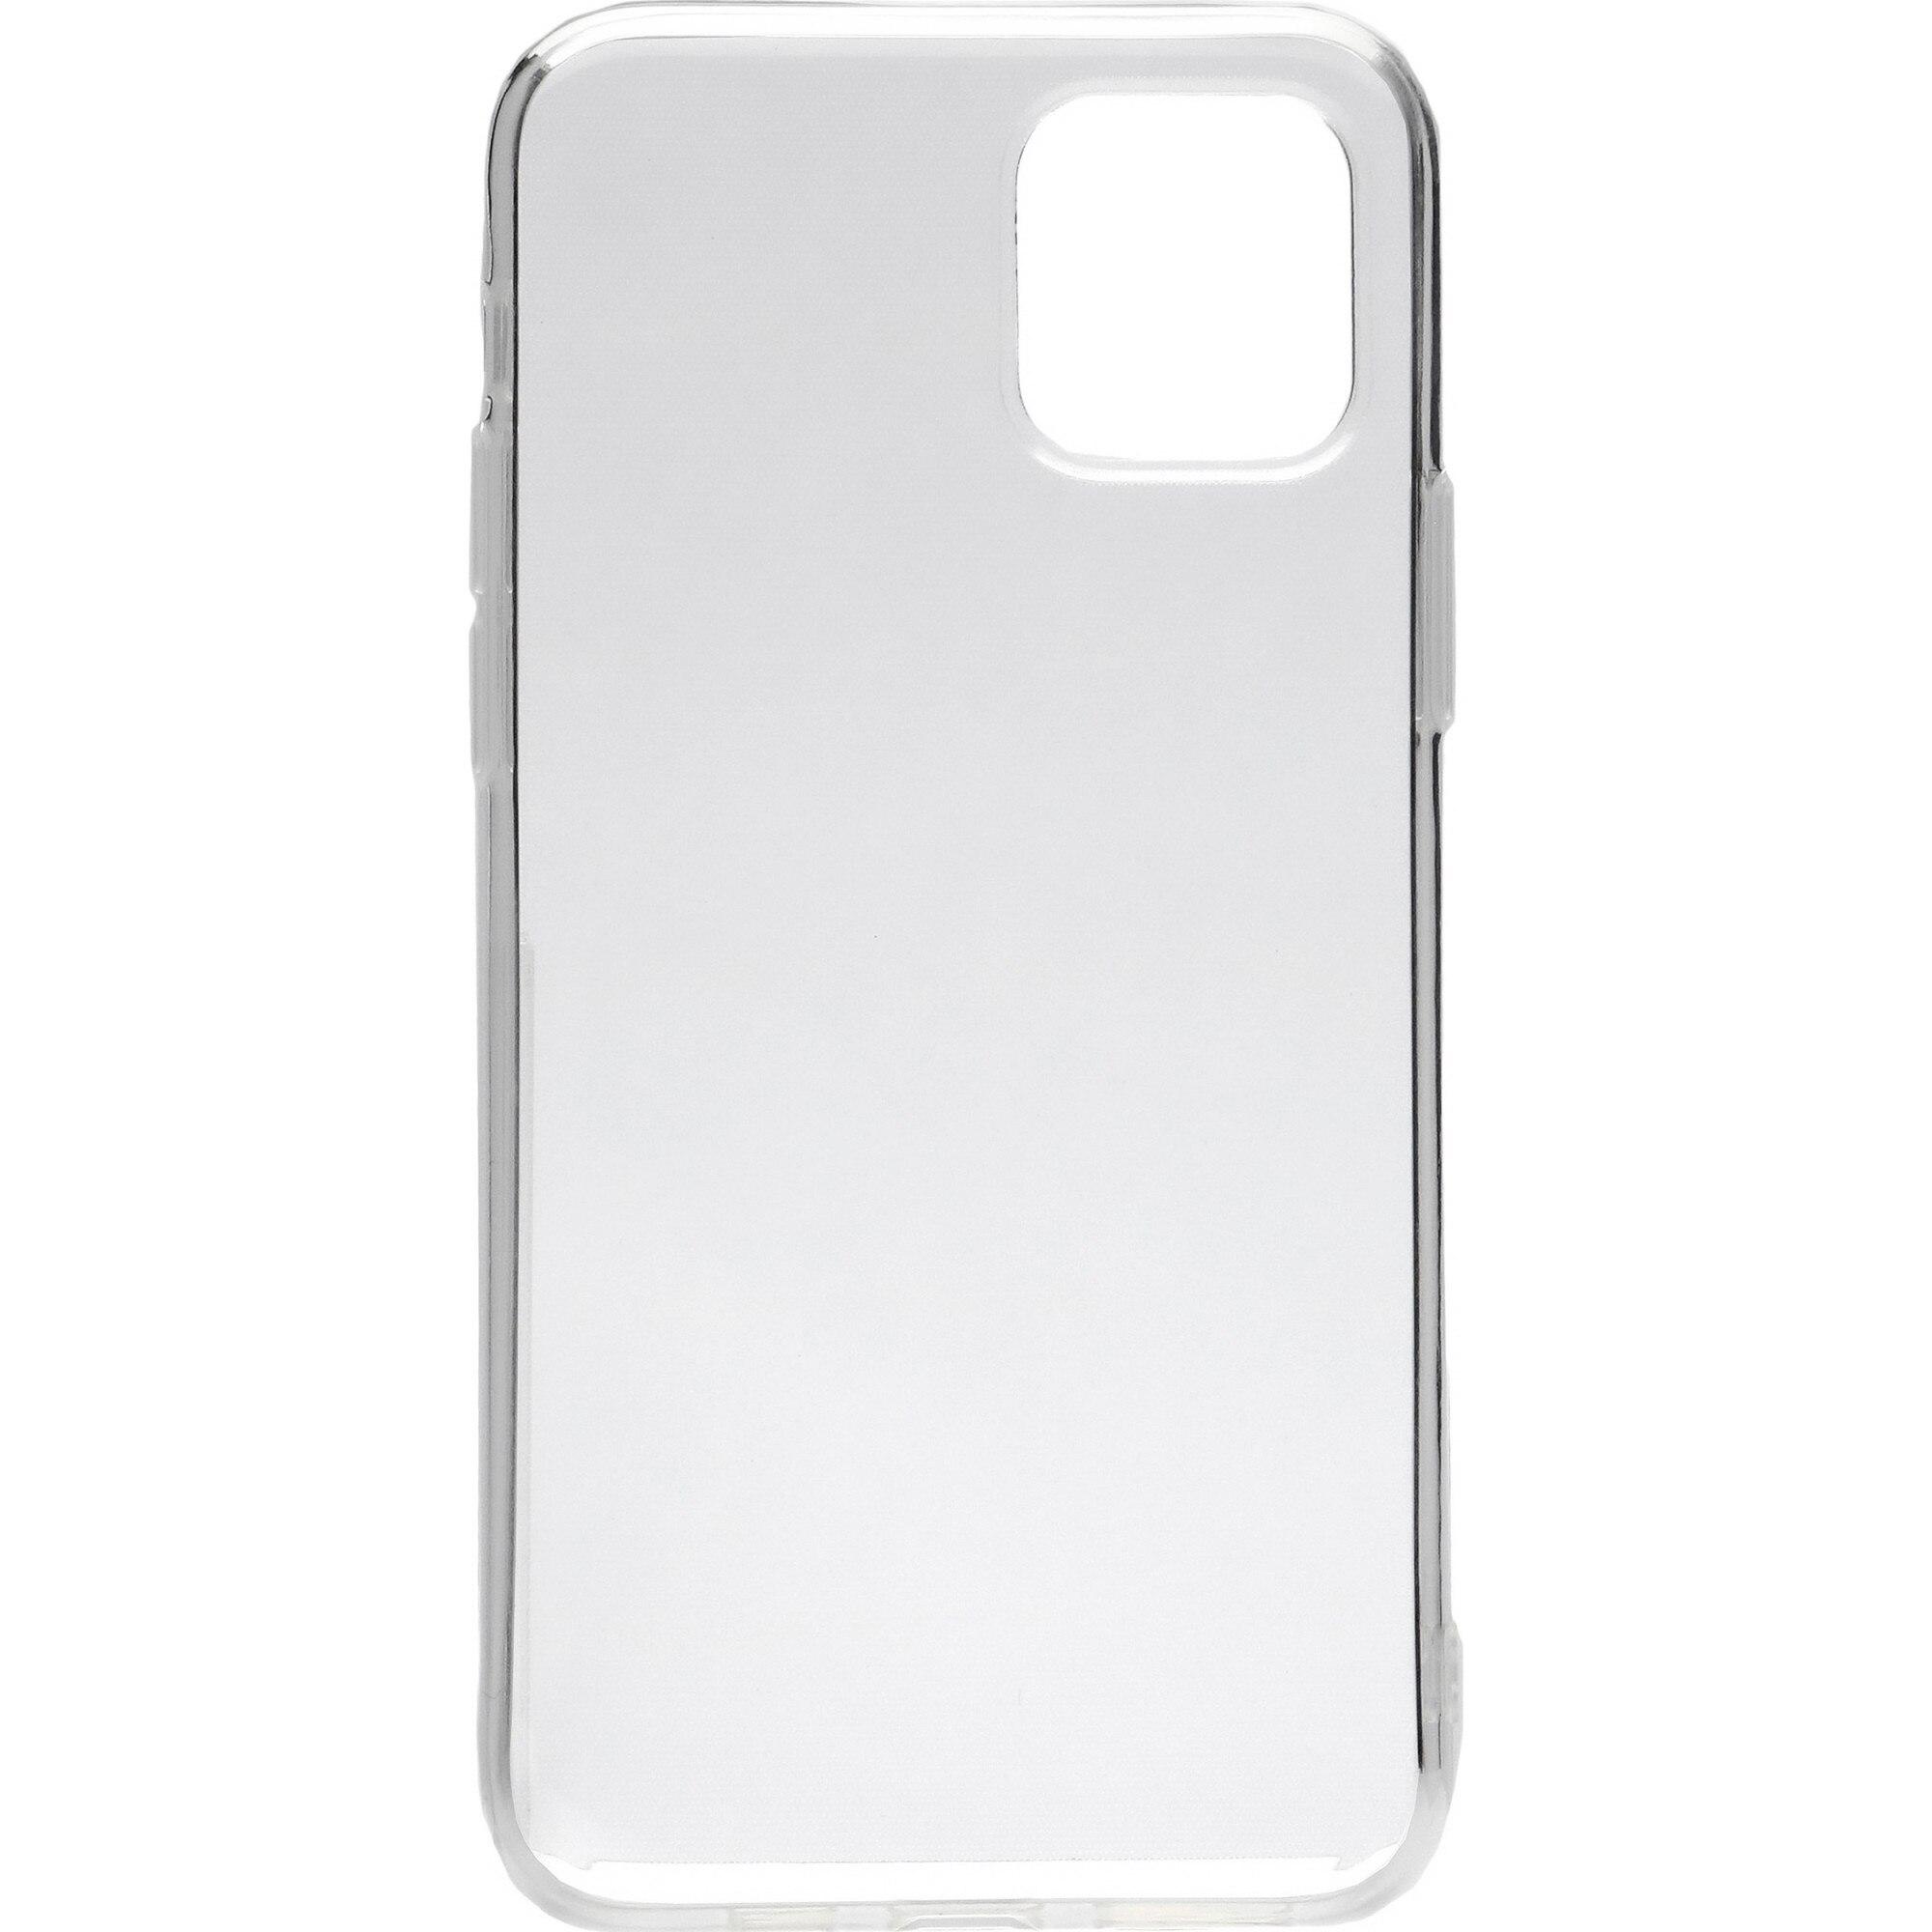 Fotografie Husa de protectie A+ Case Clear pentru iPhone 11 Pro